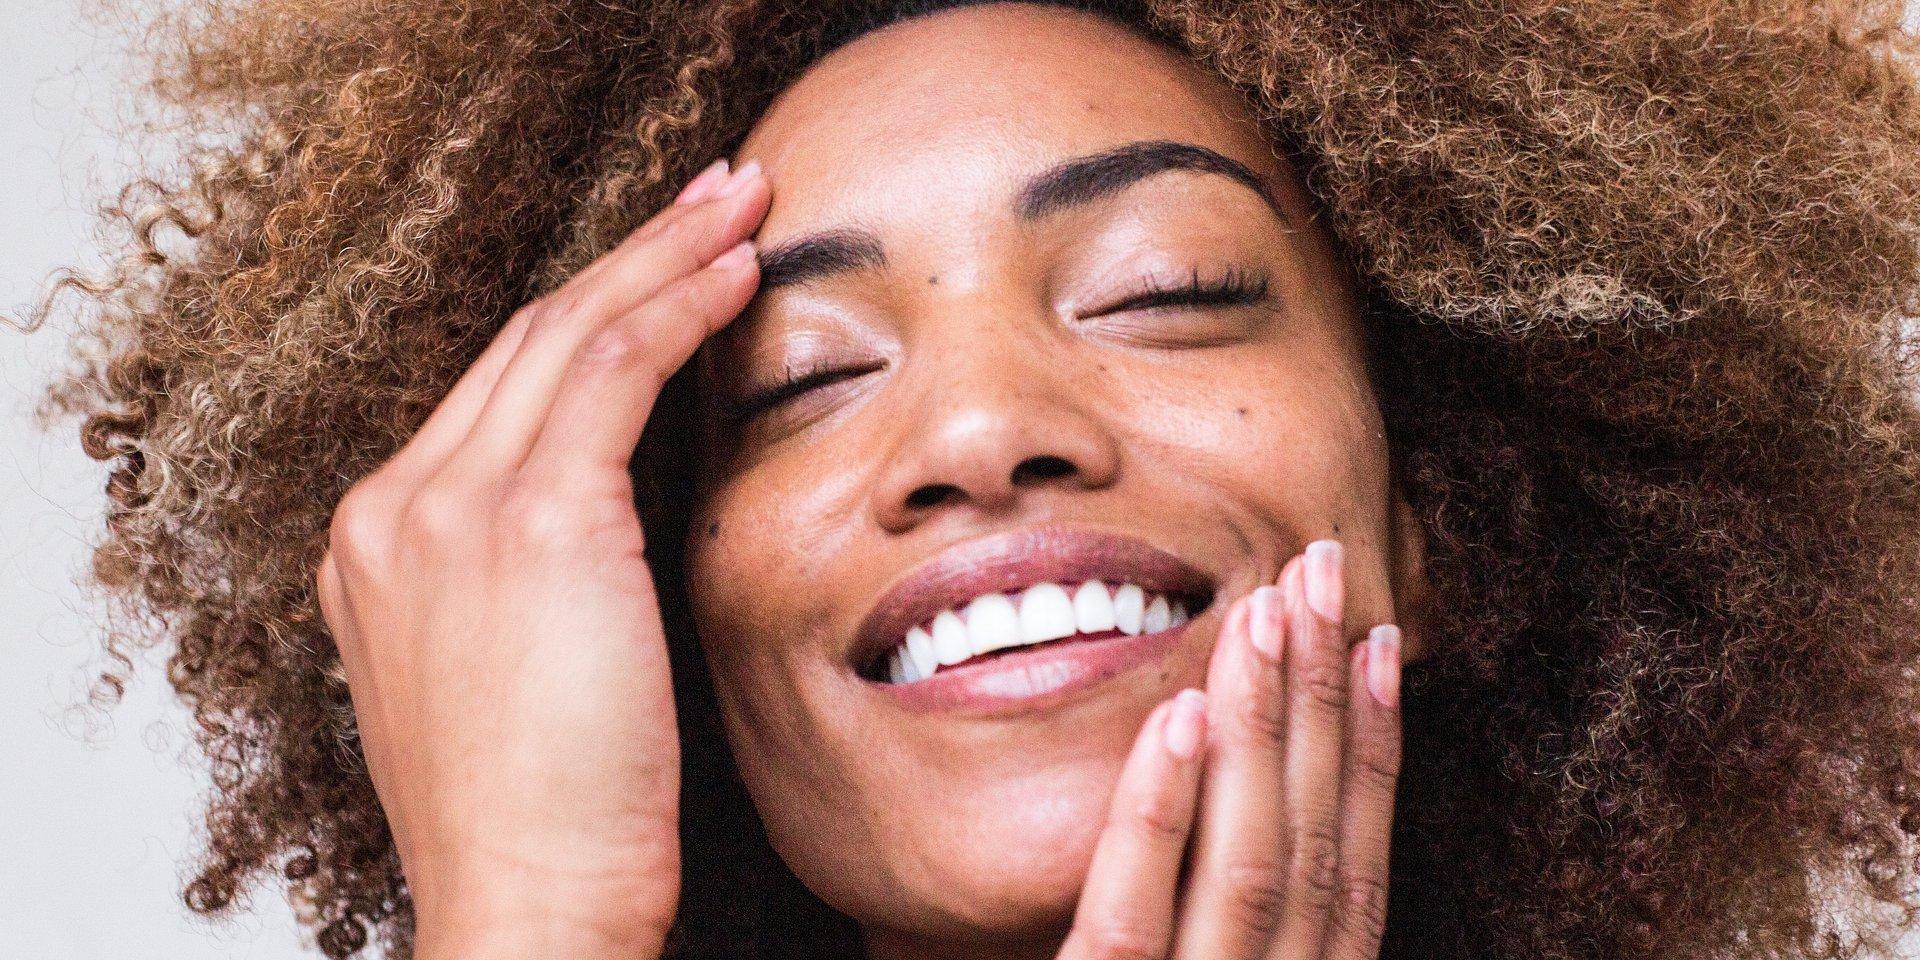 Come preparare la pelle alla primavera? Con yoga e pilates, pomodori e sieri antiossidanti, ecco i suggerimenti di MioDottore